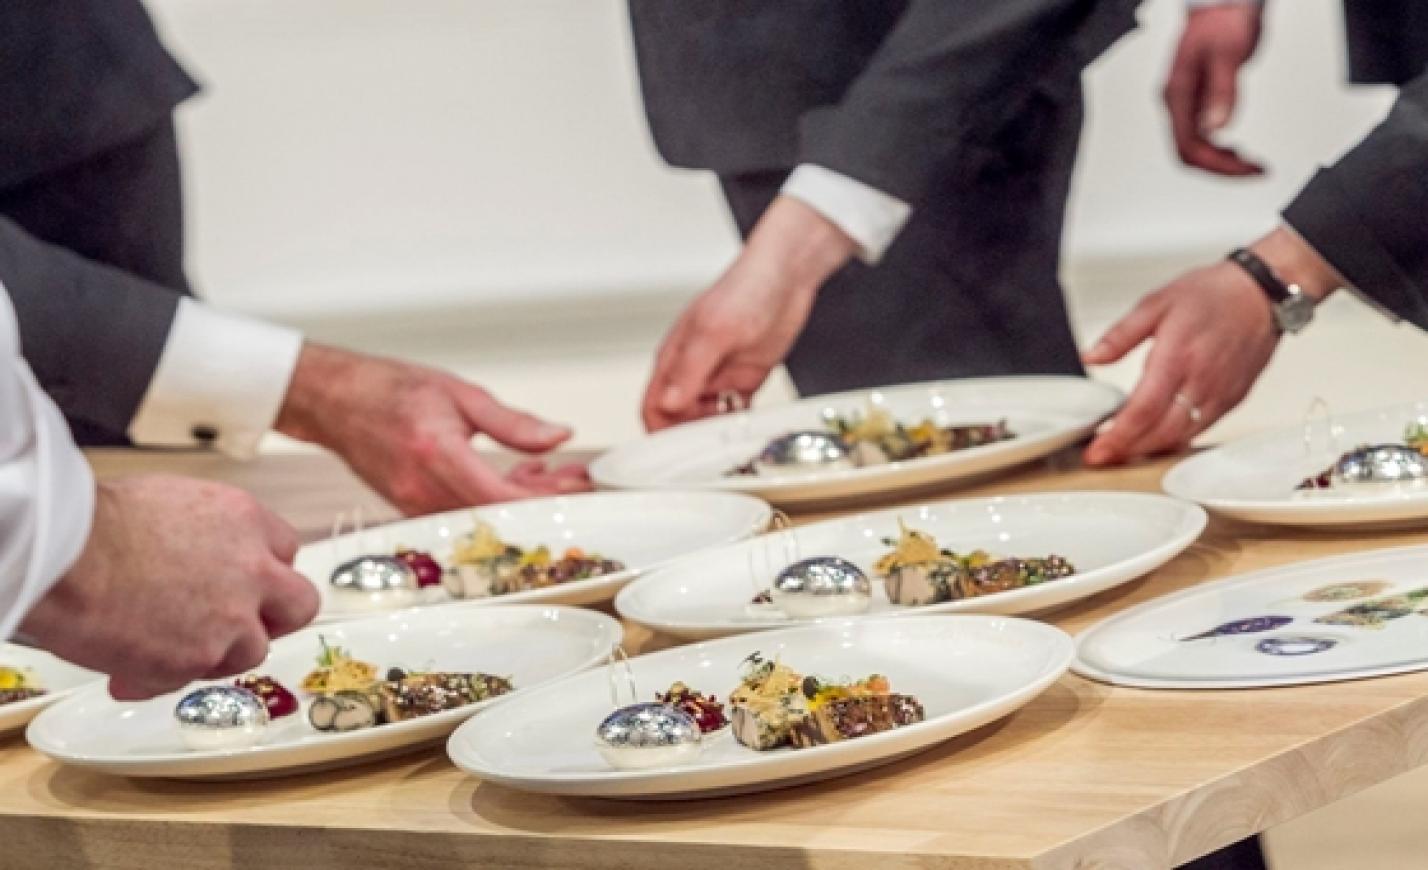 Orosz kézbe került a legendás francia éttermi kalauz